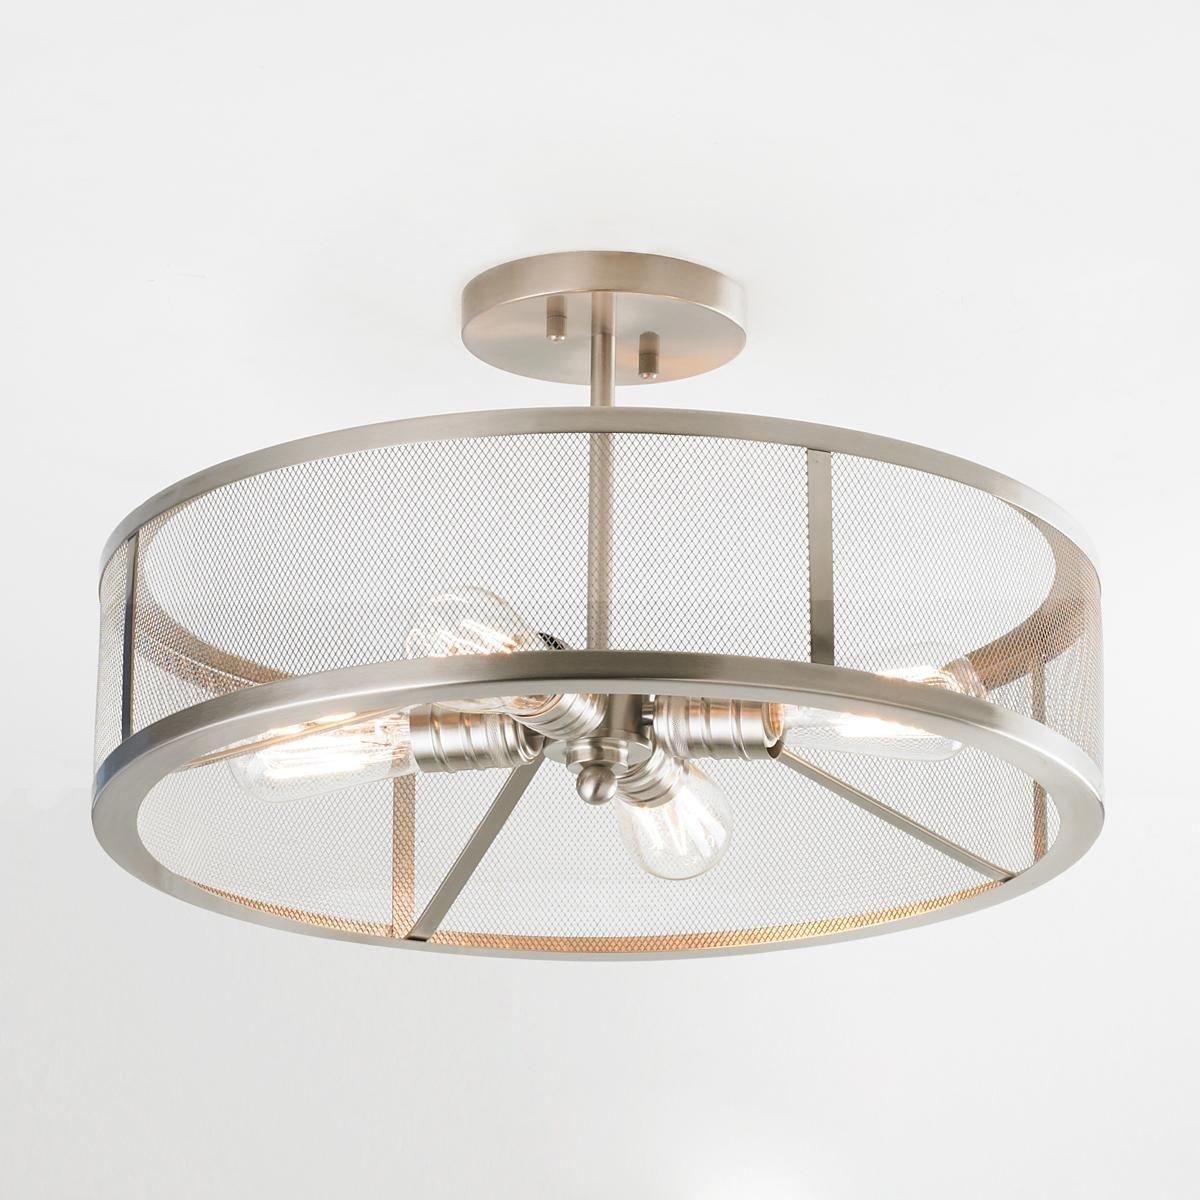 Mesh Industrial Semi Flush Mount Ceiling Light  lighting